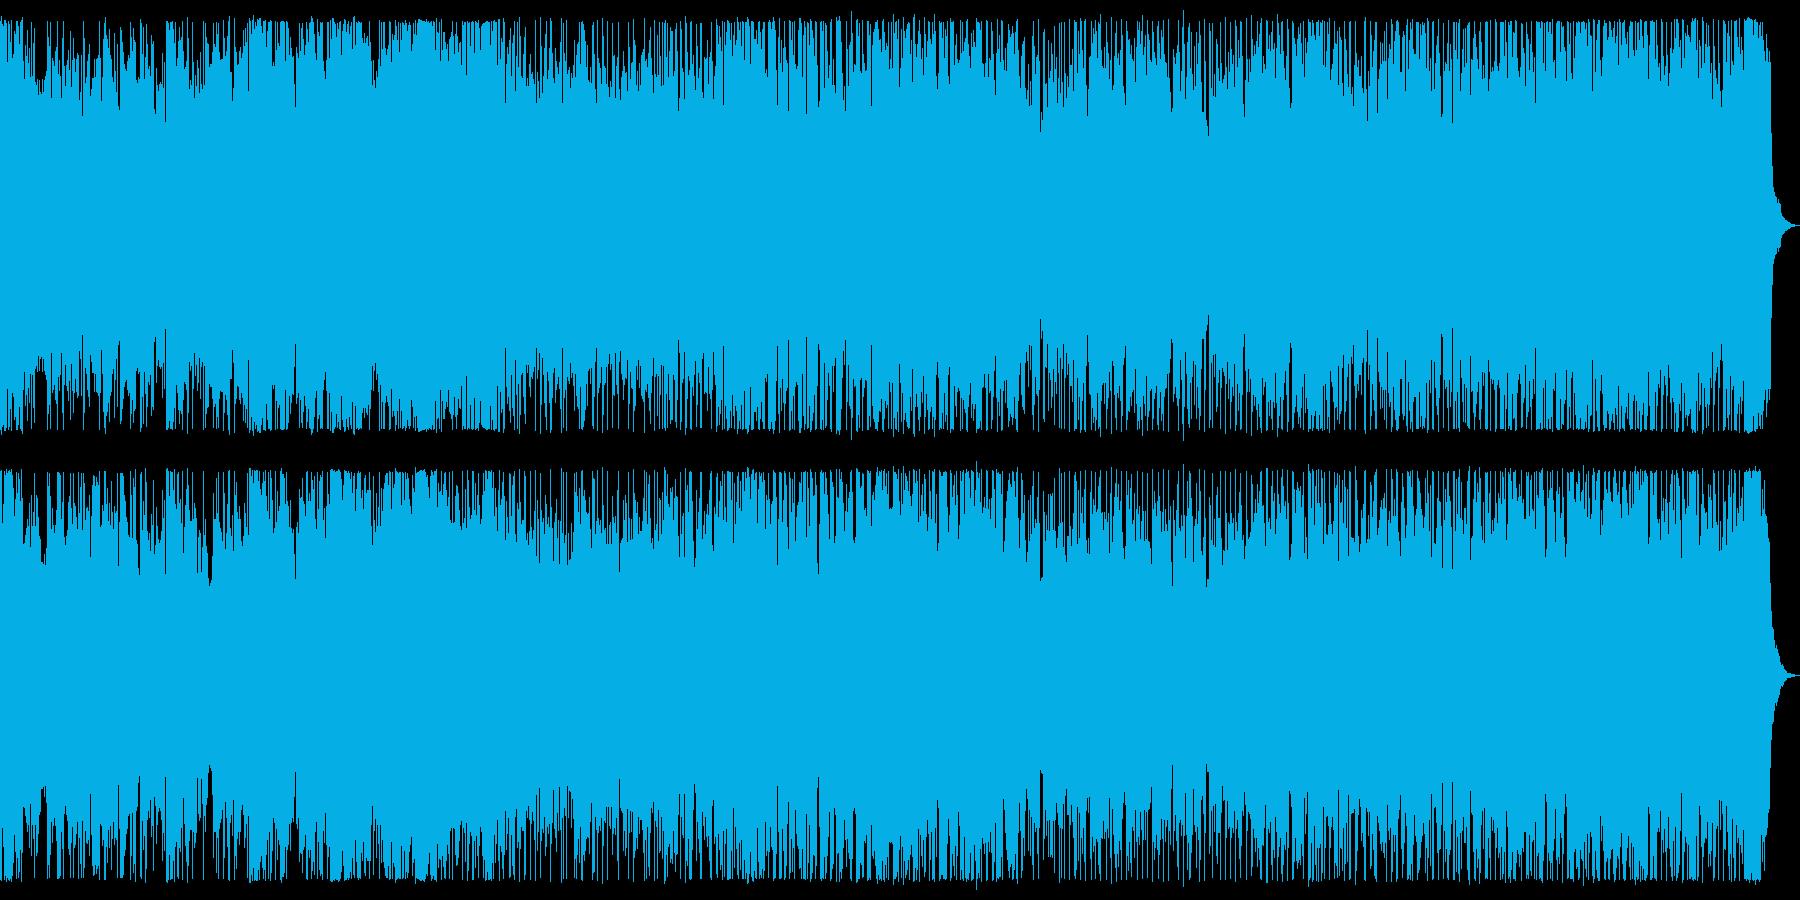 魔の領域 ホラー風なメタル戦闘曲 背景曲の再生済みの波形